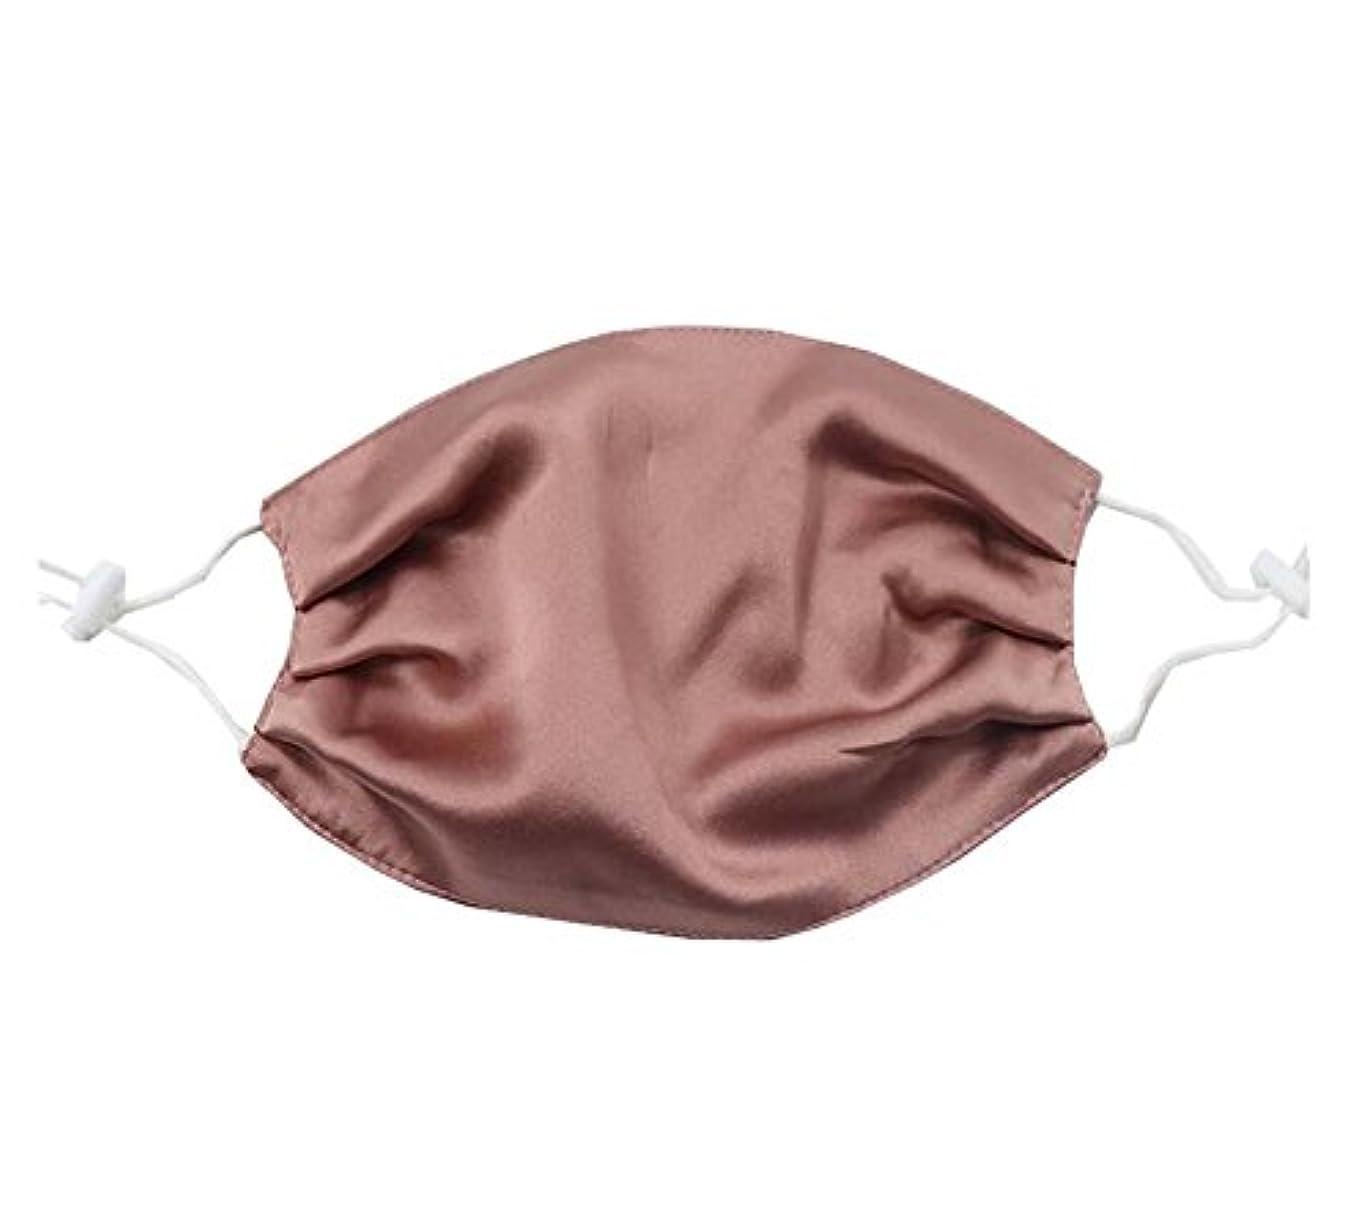 弁護外向き重要女性の女の子のための素敵な通気性居心地の良いシルクの顔のマスク